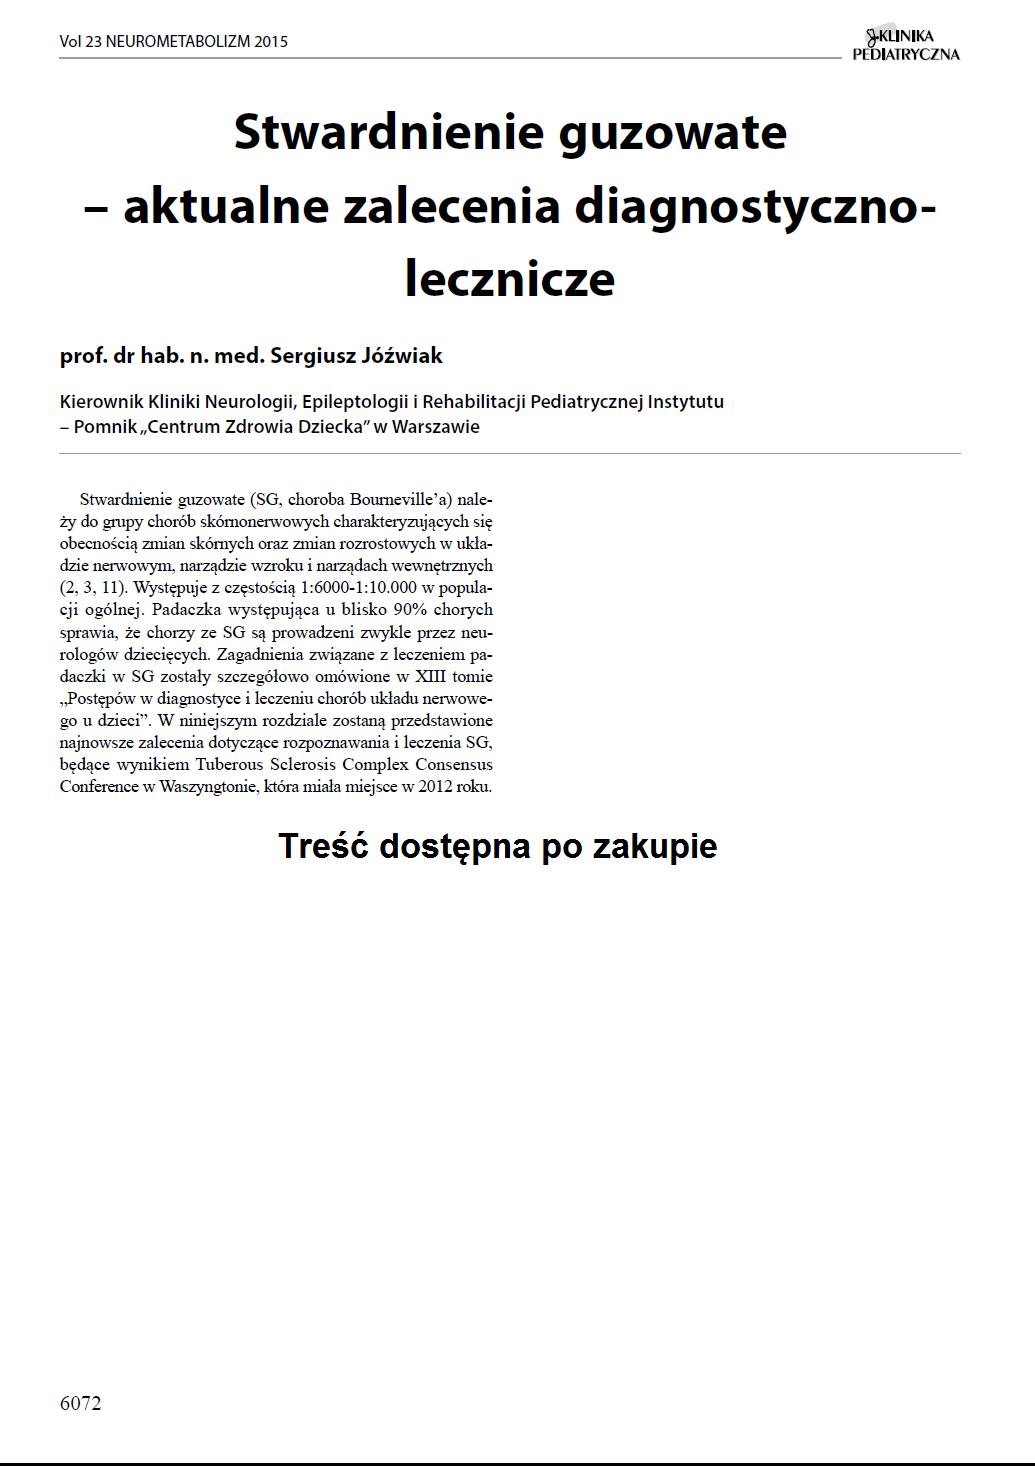 KP 2015-Neurometabolizm: Stwardnienie guzowate – aktualne zalecenia diagnostycznolecznicze